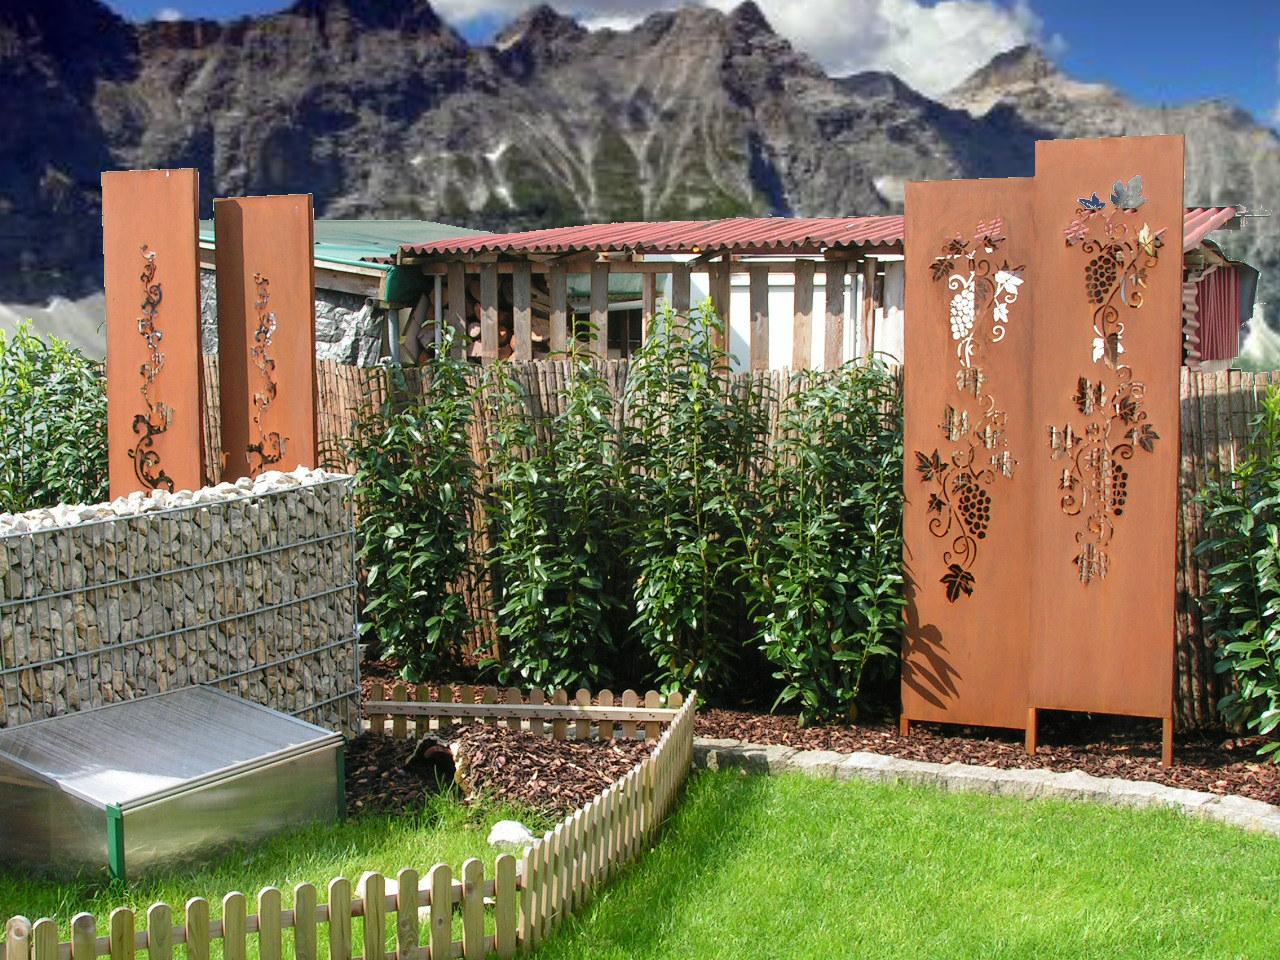 Sichtschutz barock weinrebe gartendekoration hauner for Gartendeko rost gartendekorationen